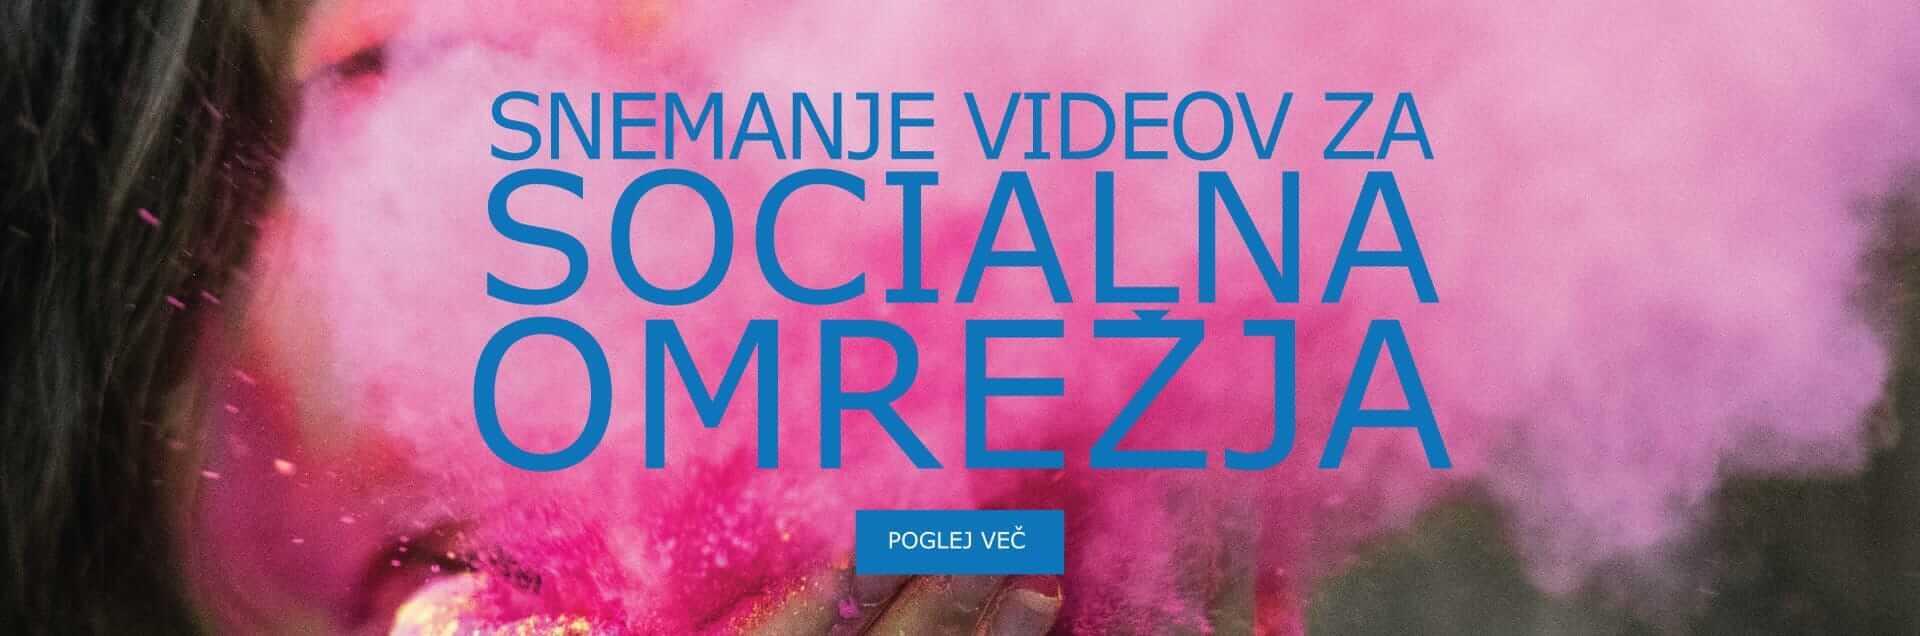 Snemanje videov za socialna omrežja